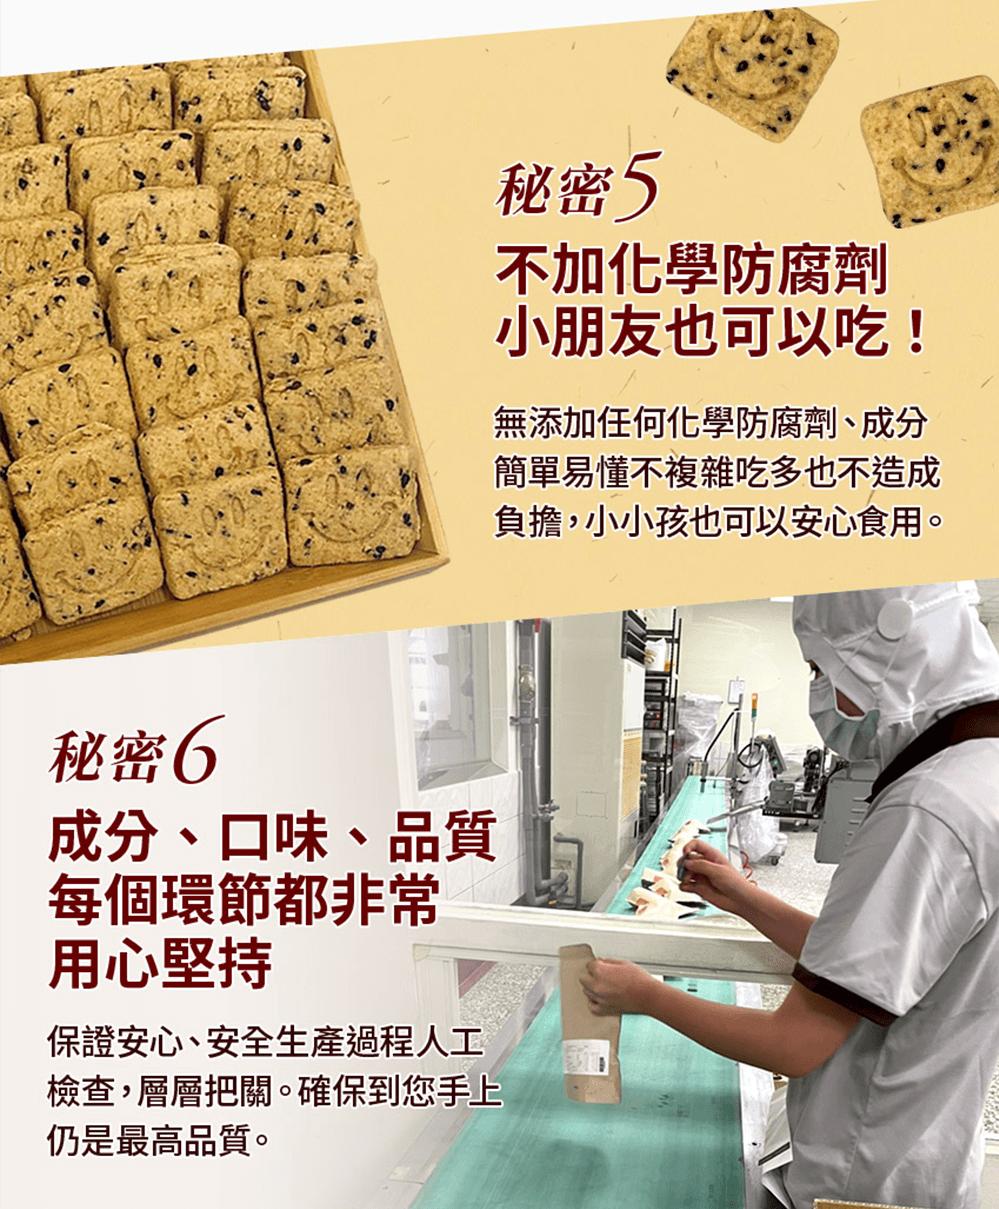 【Guilt FREE SWEETS】【銷售破百萬】日本超人氣美身豆渣餅乾60片裝(添加燕麥)-新裝上市 11